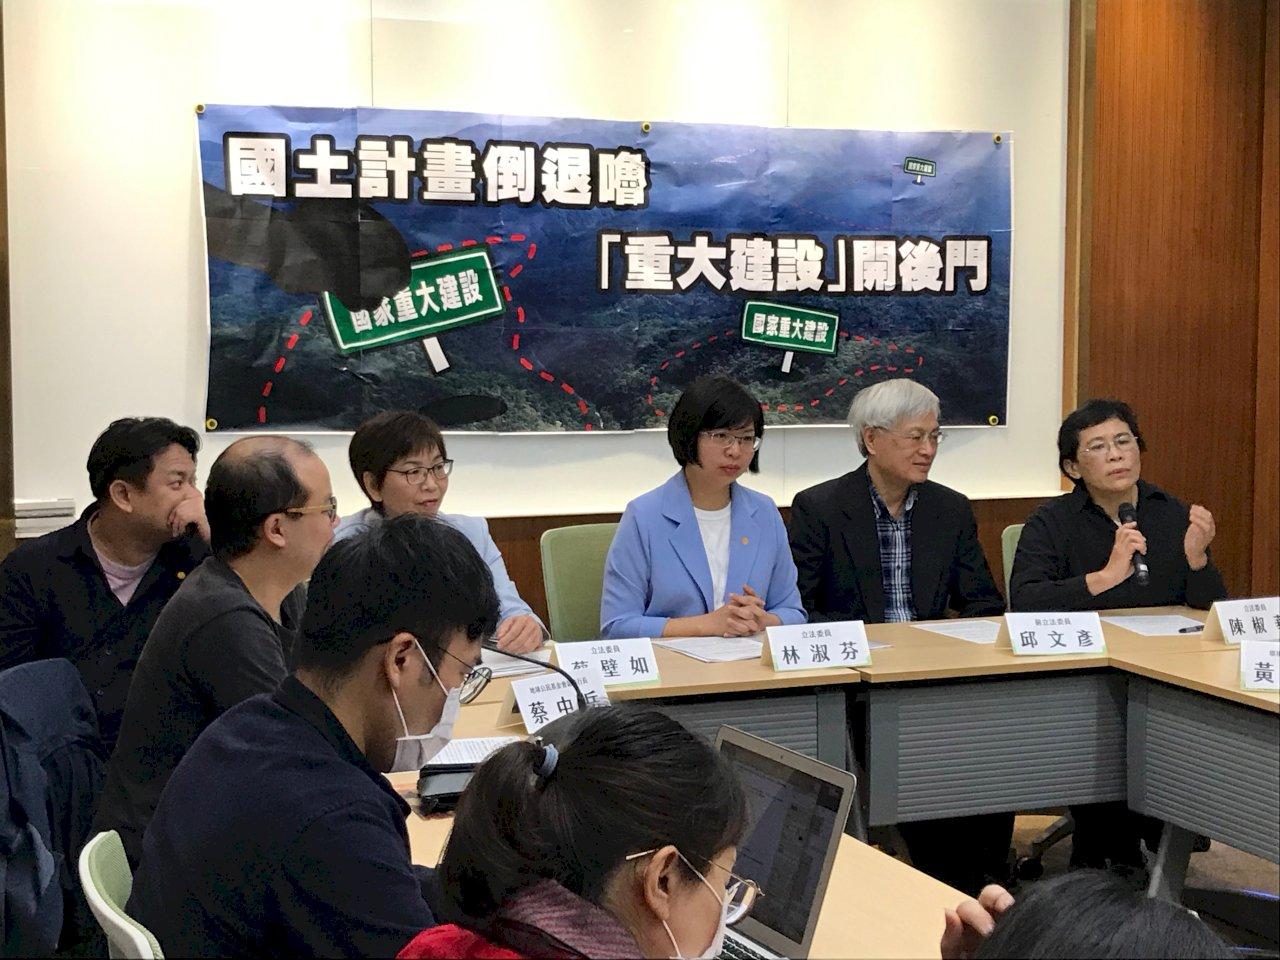 台南鐵路地下化爭議